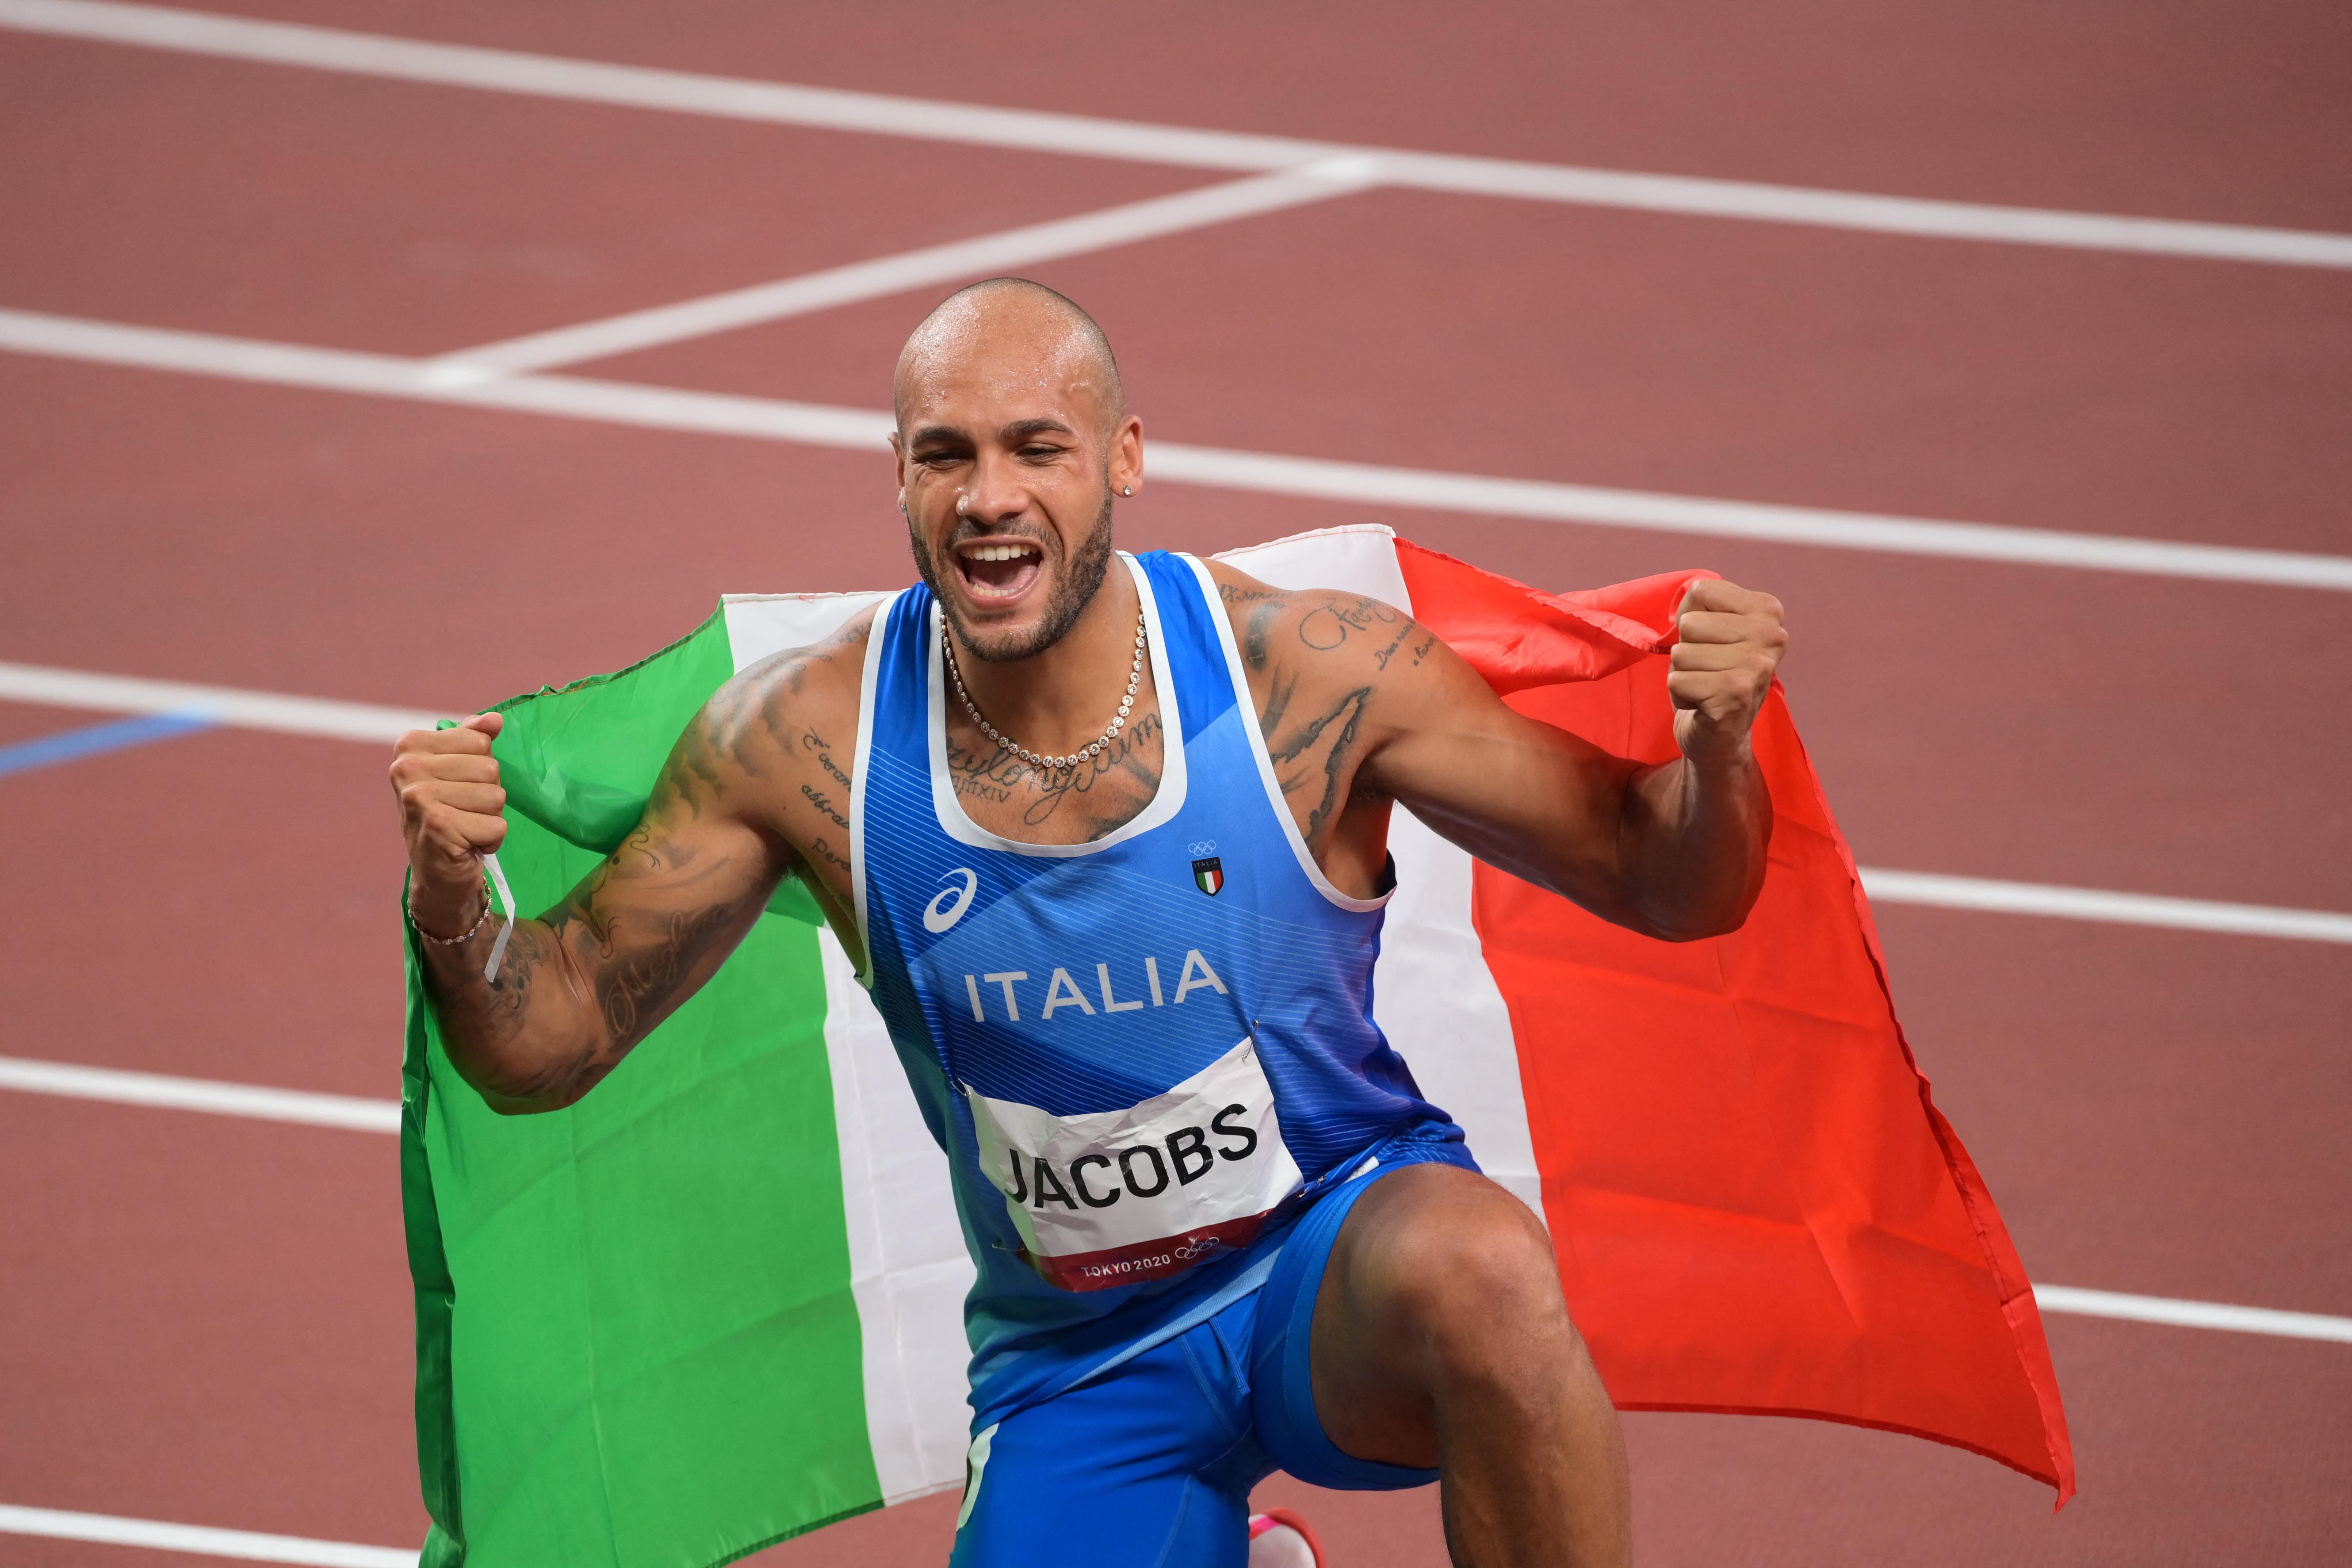 Olasz arany férfi 100 méteren, világcsúcs női hármasugrásban